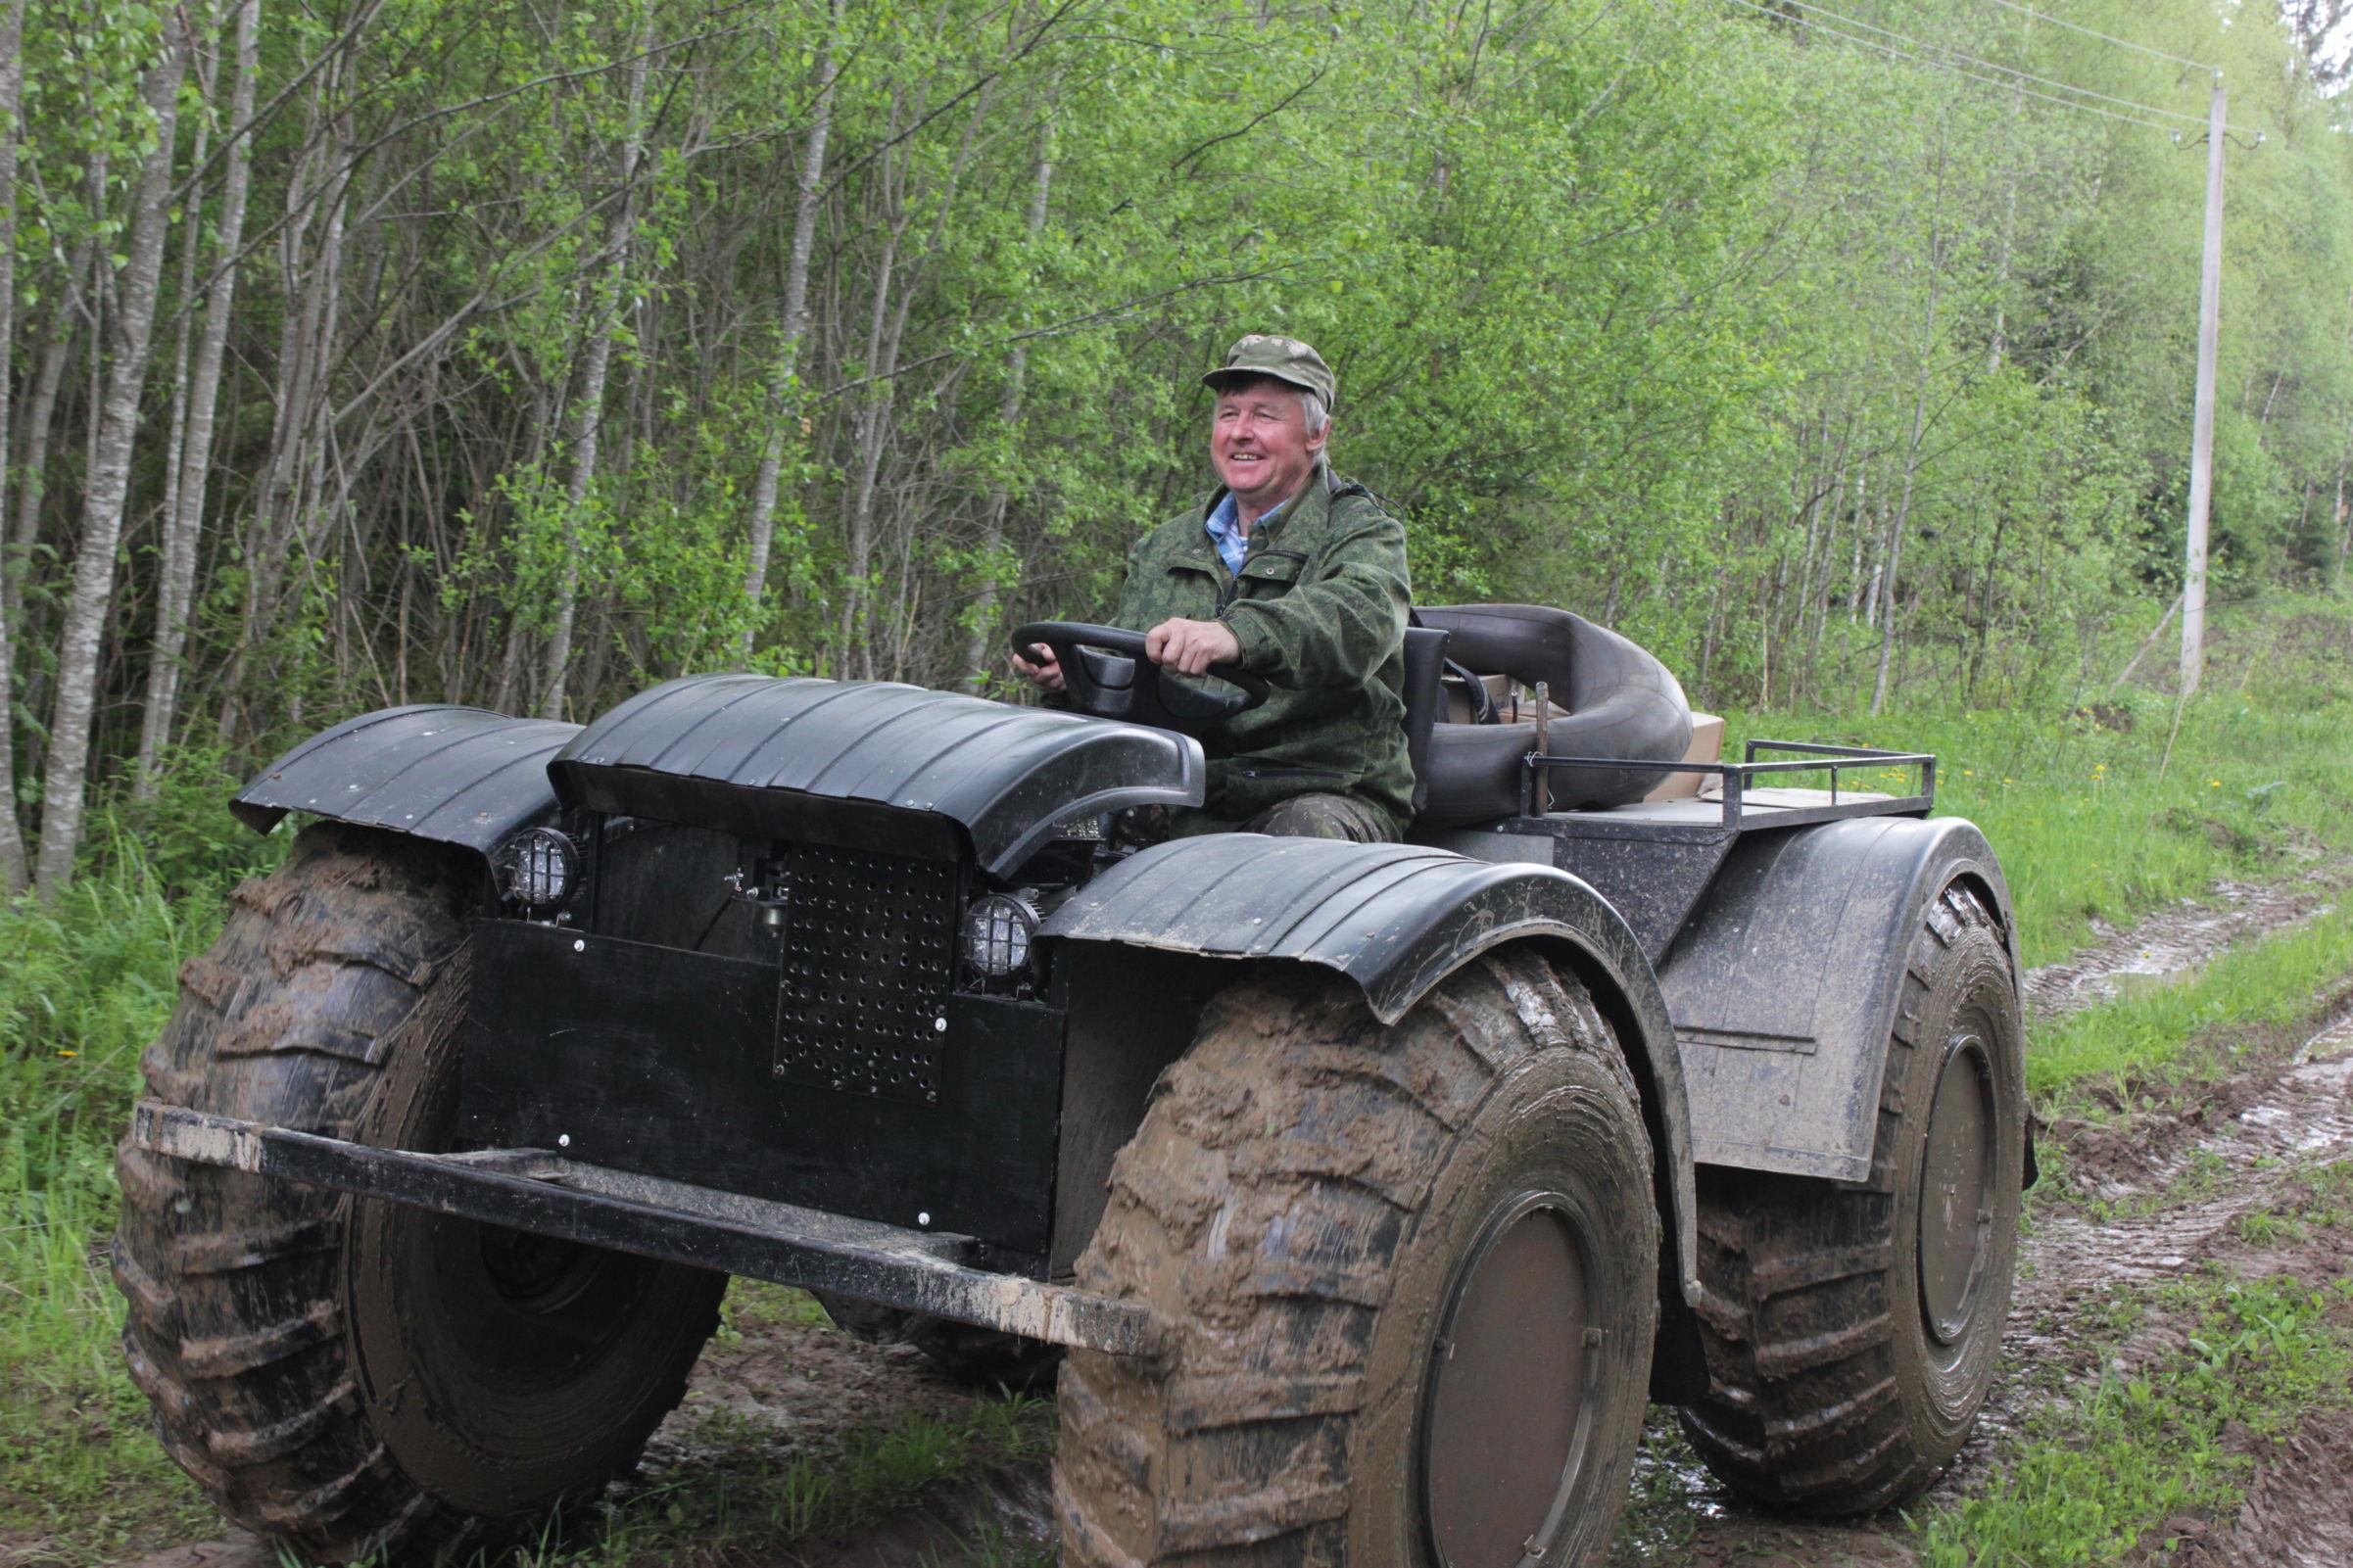 Поддержим наших: ярославский почтальон на вездеходе участвует во Всероссийском проекте